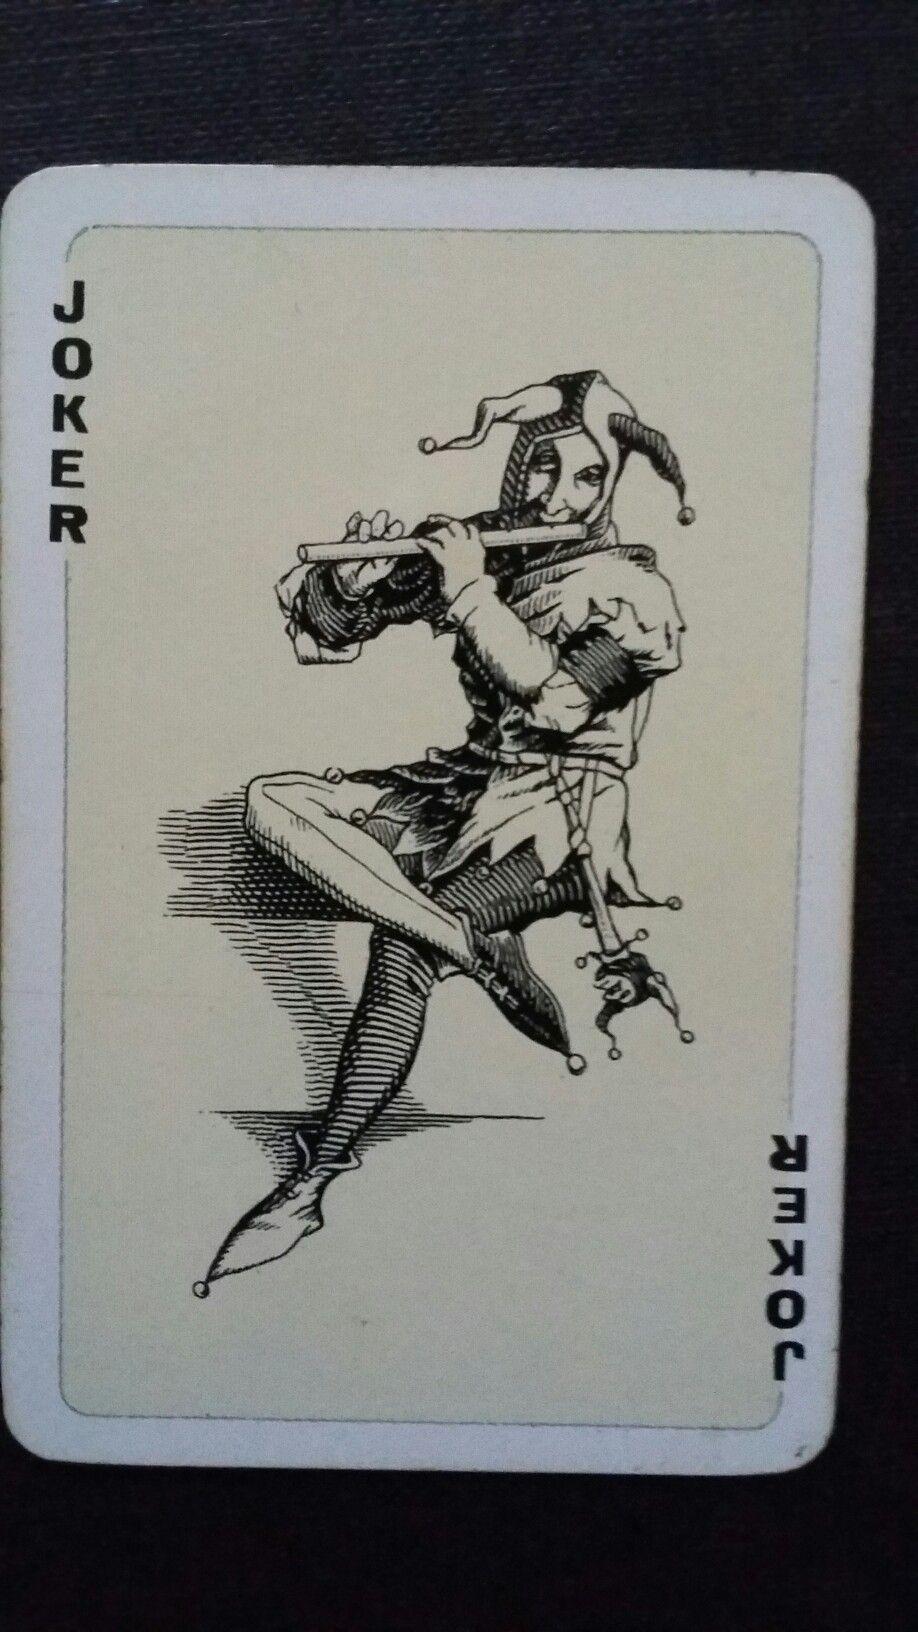 Joker Swiss Margeurite Deck Joker Card Joker Playing Card Cards